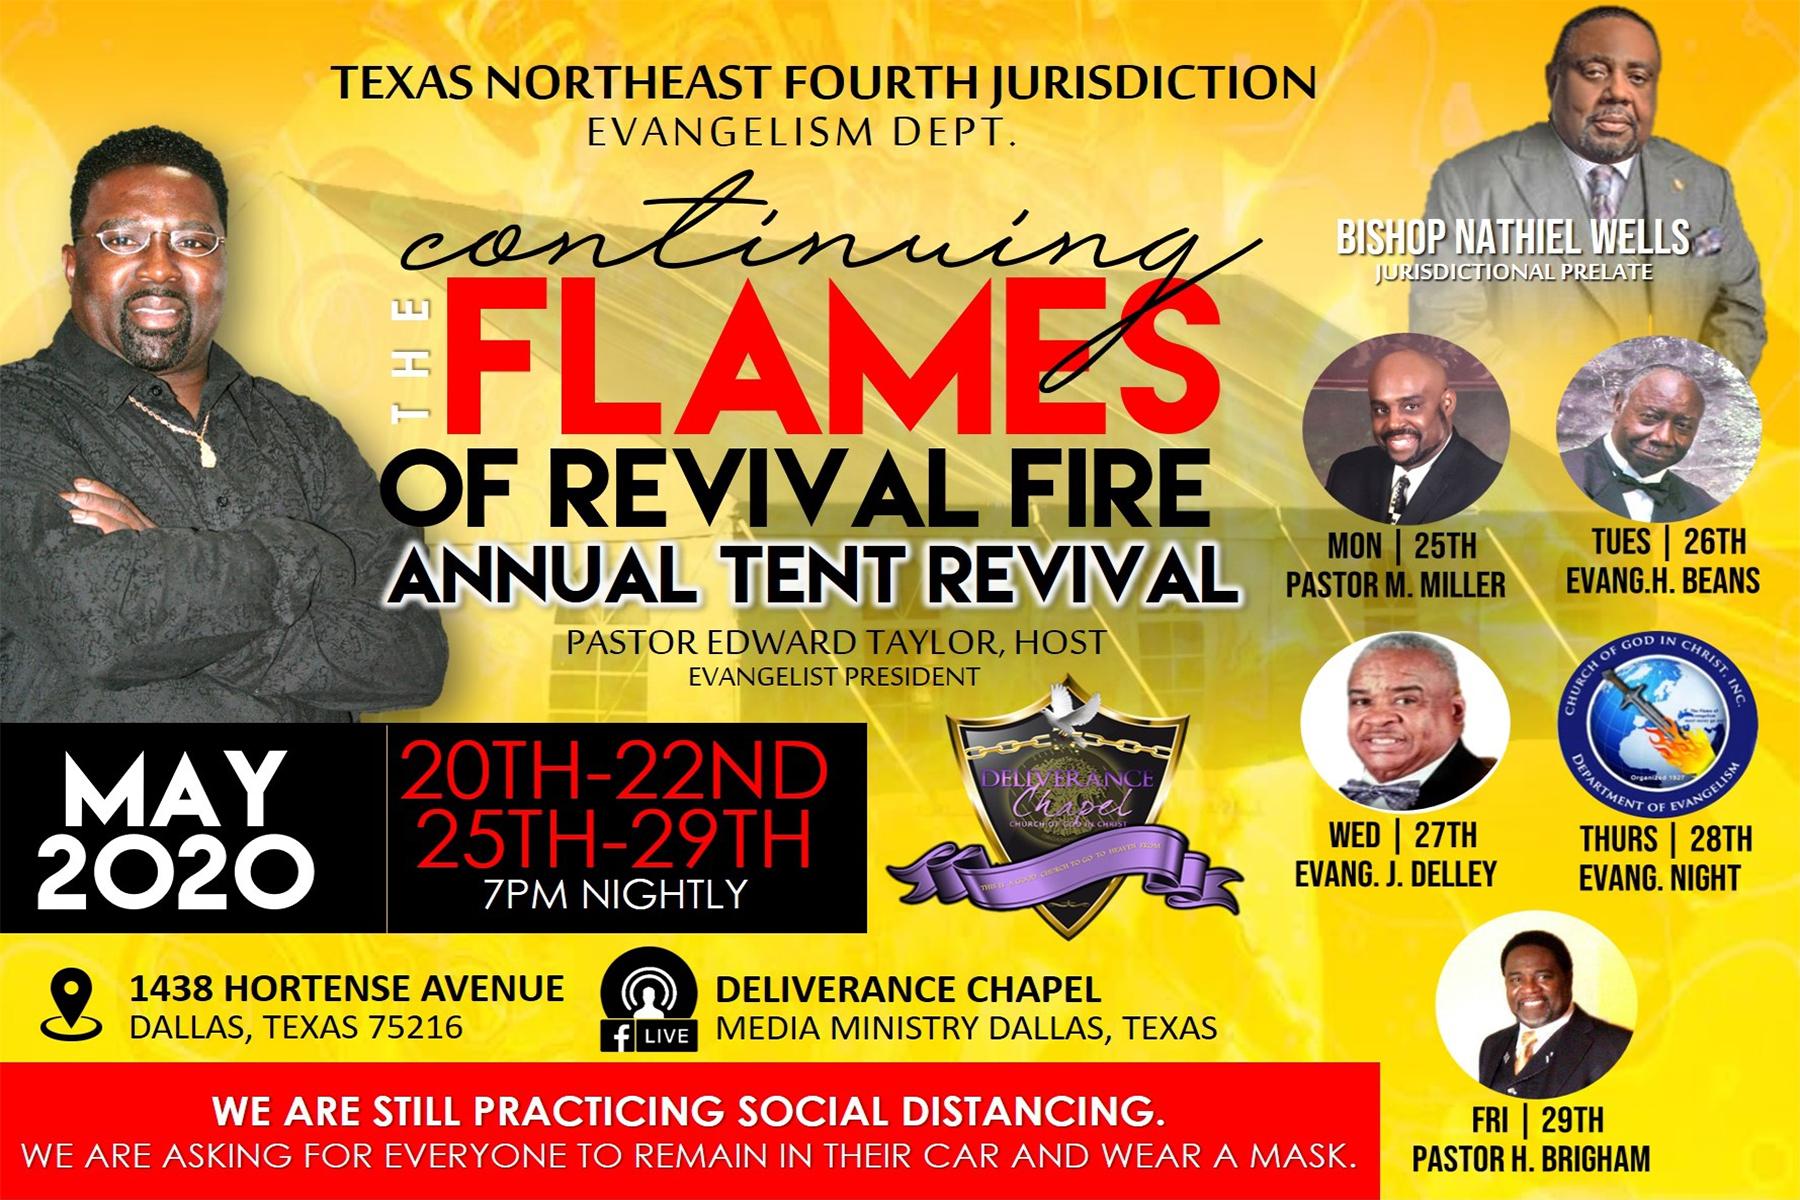 Tent Revival 2020 – Part II